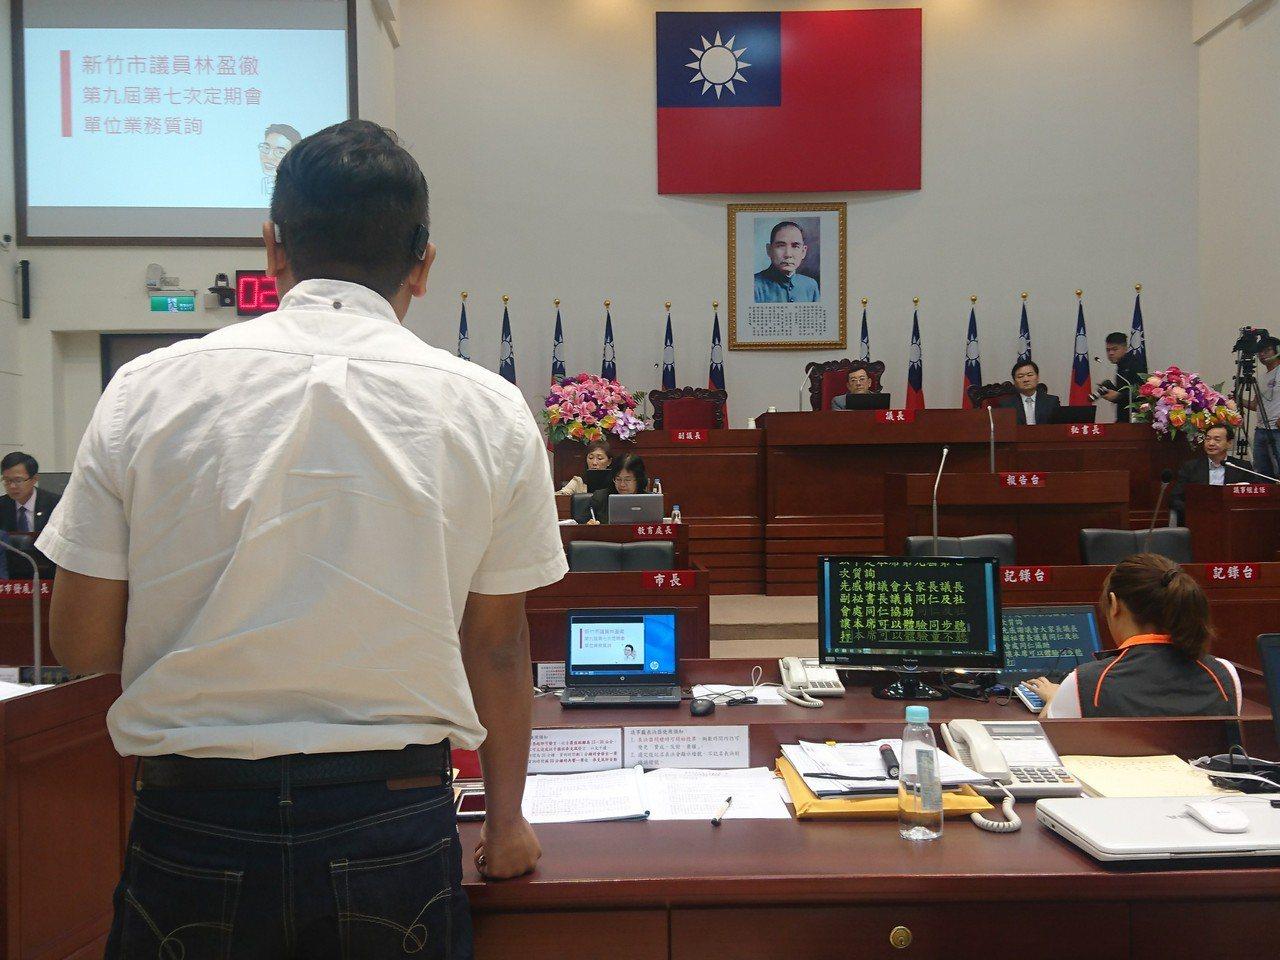 新竹市政府社會處提供「同步聽打服務」,聽障者新竹市議員林盈徹(左)申請後,首次在...